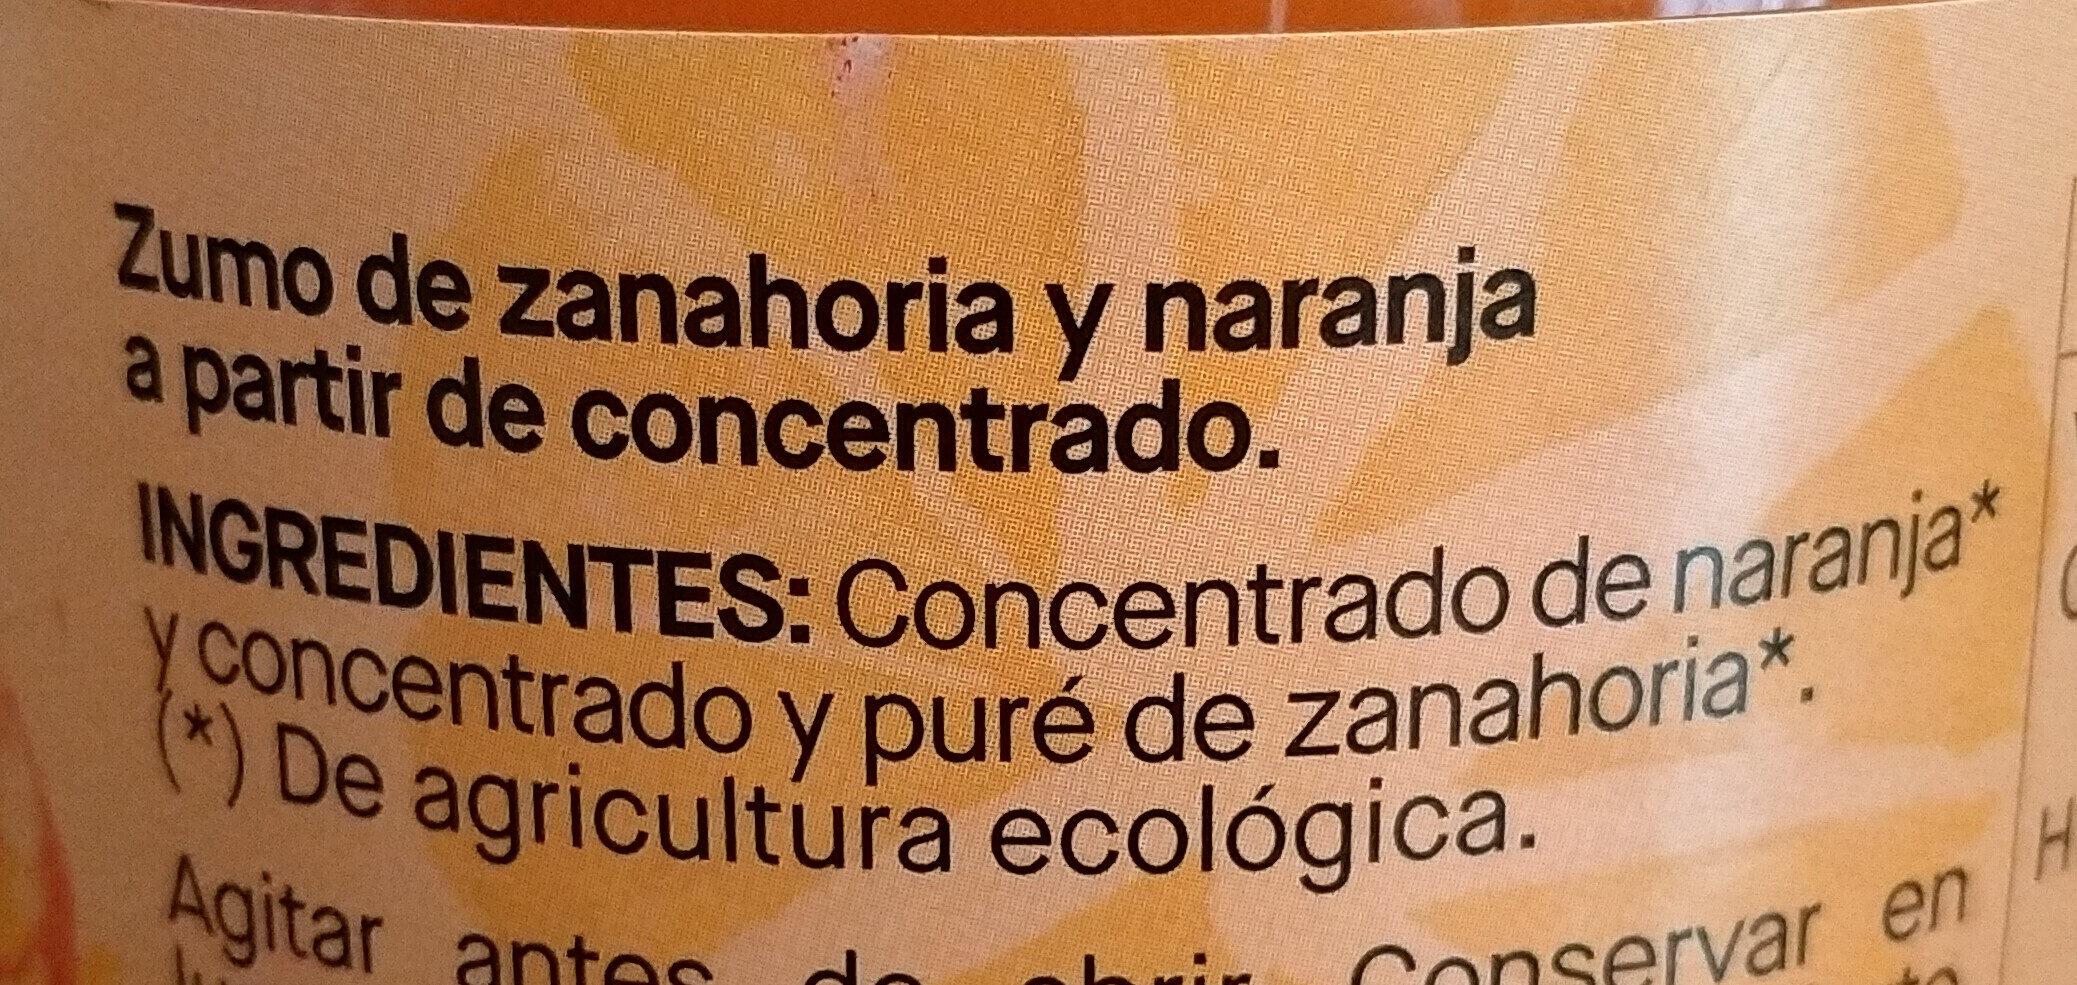 ZUMO DE ZANAHORIA Y NARANJA - Ingredients - es